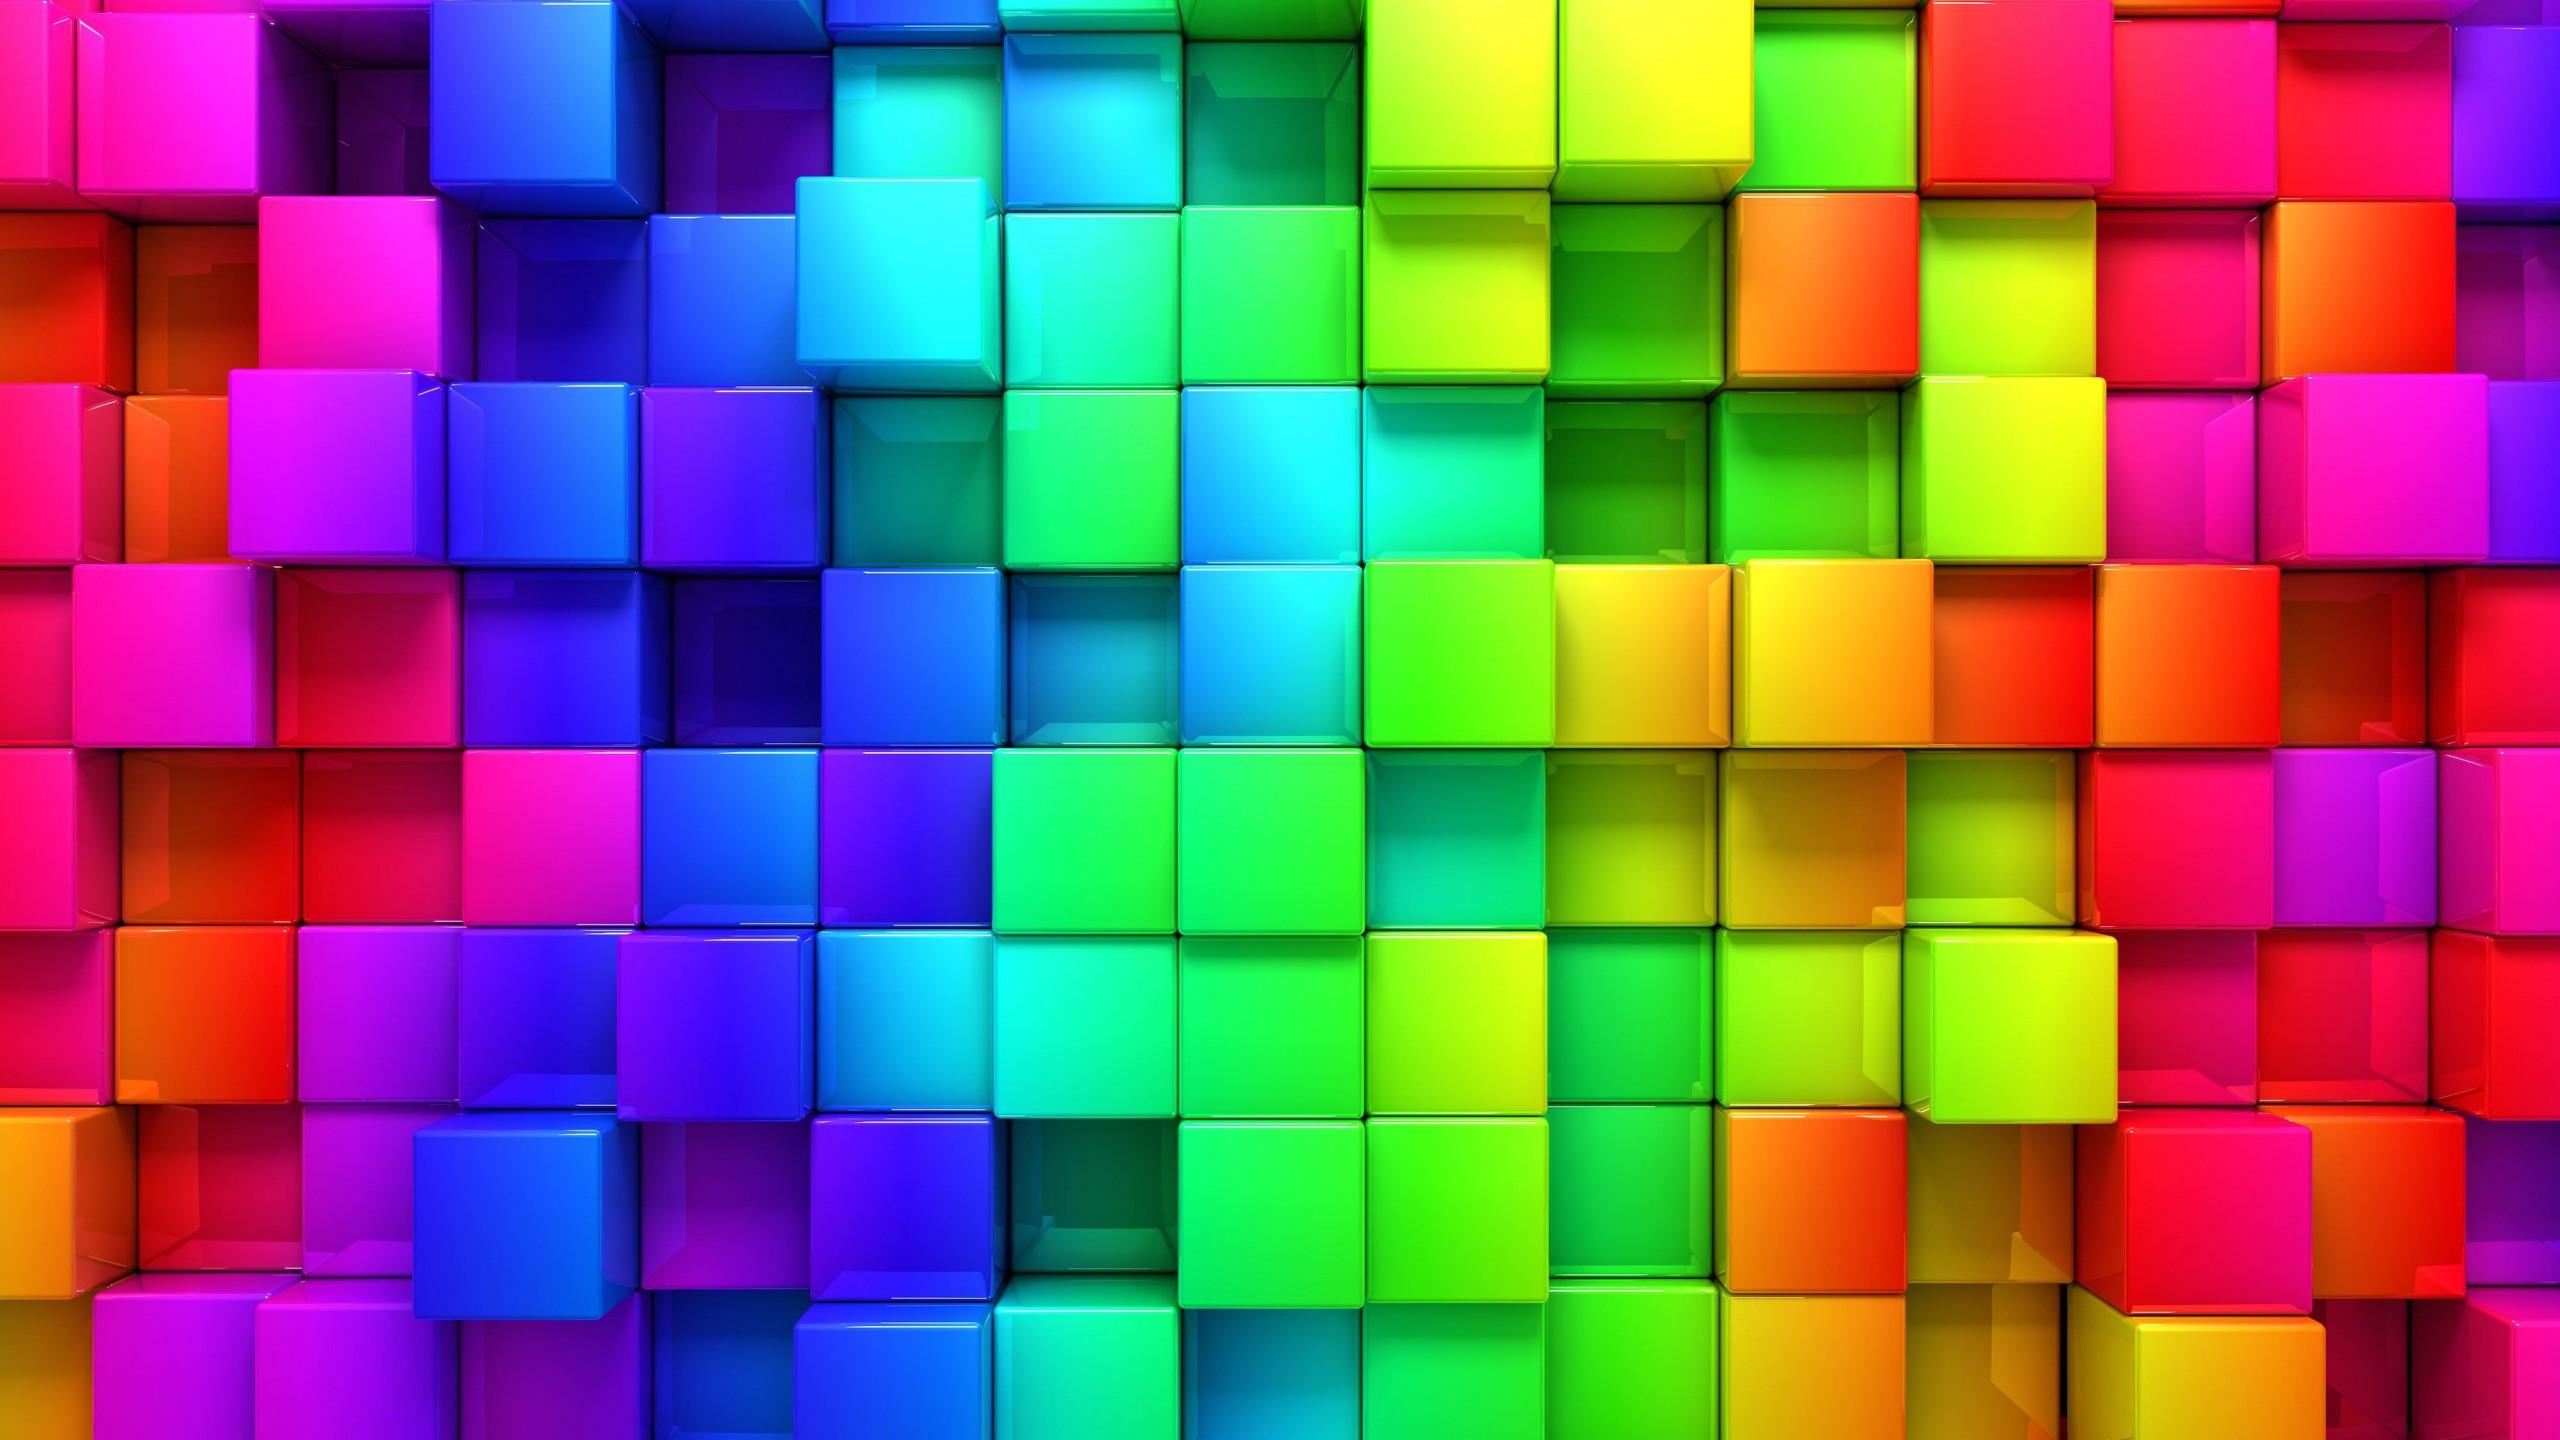 картинки для заставки на ютубе 2560 х 1440